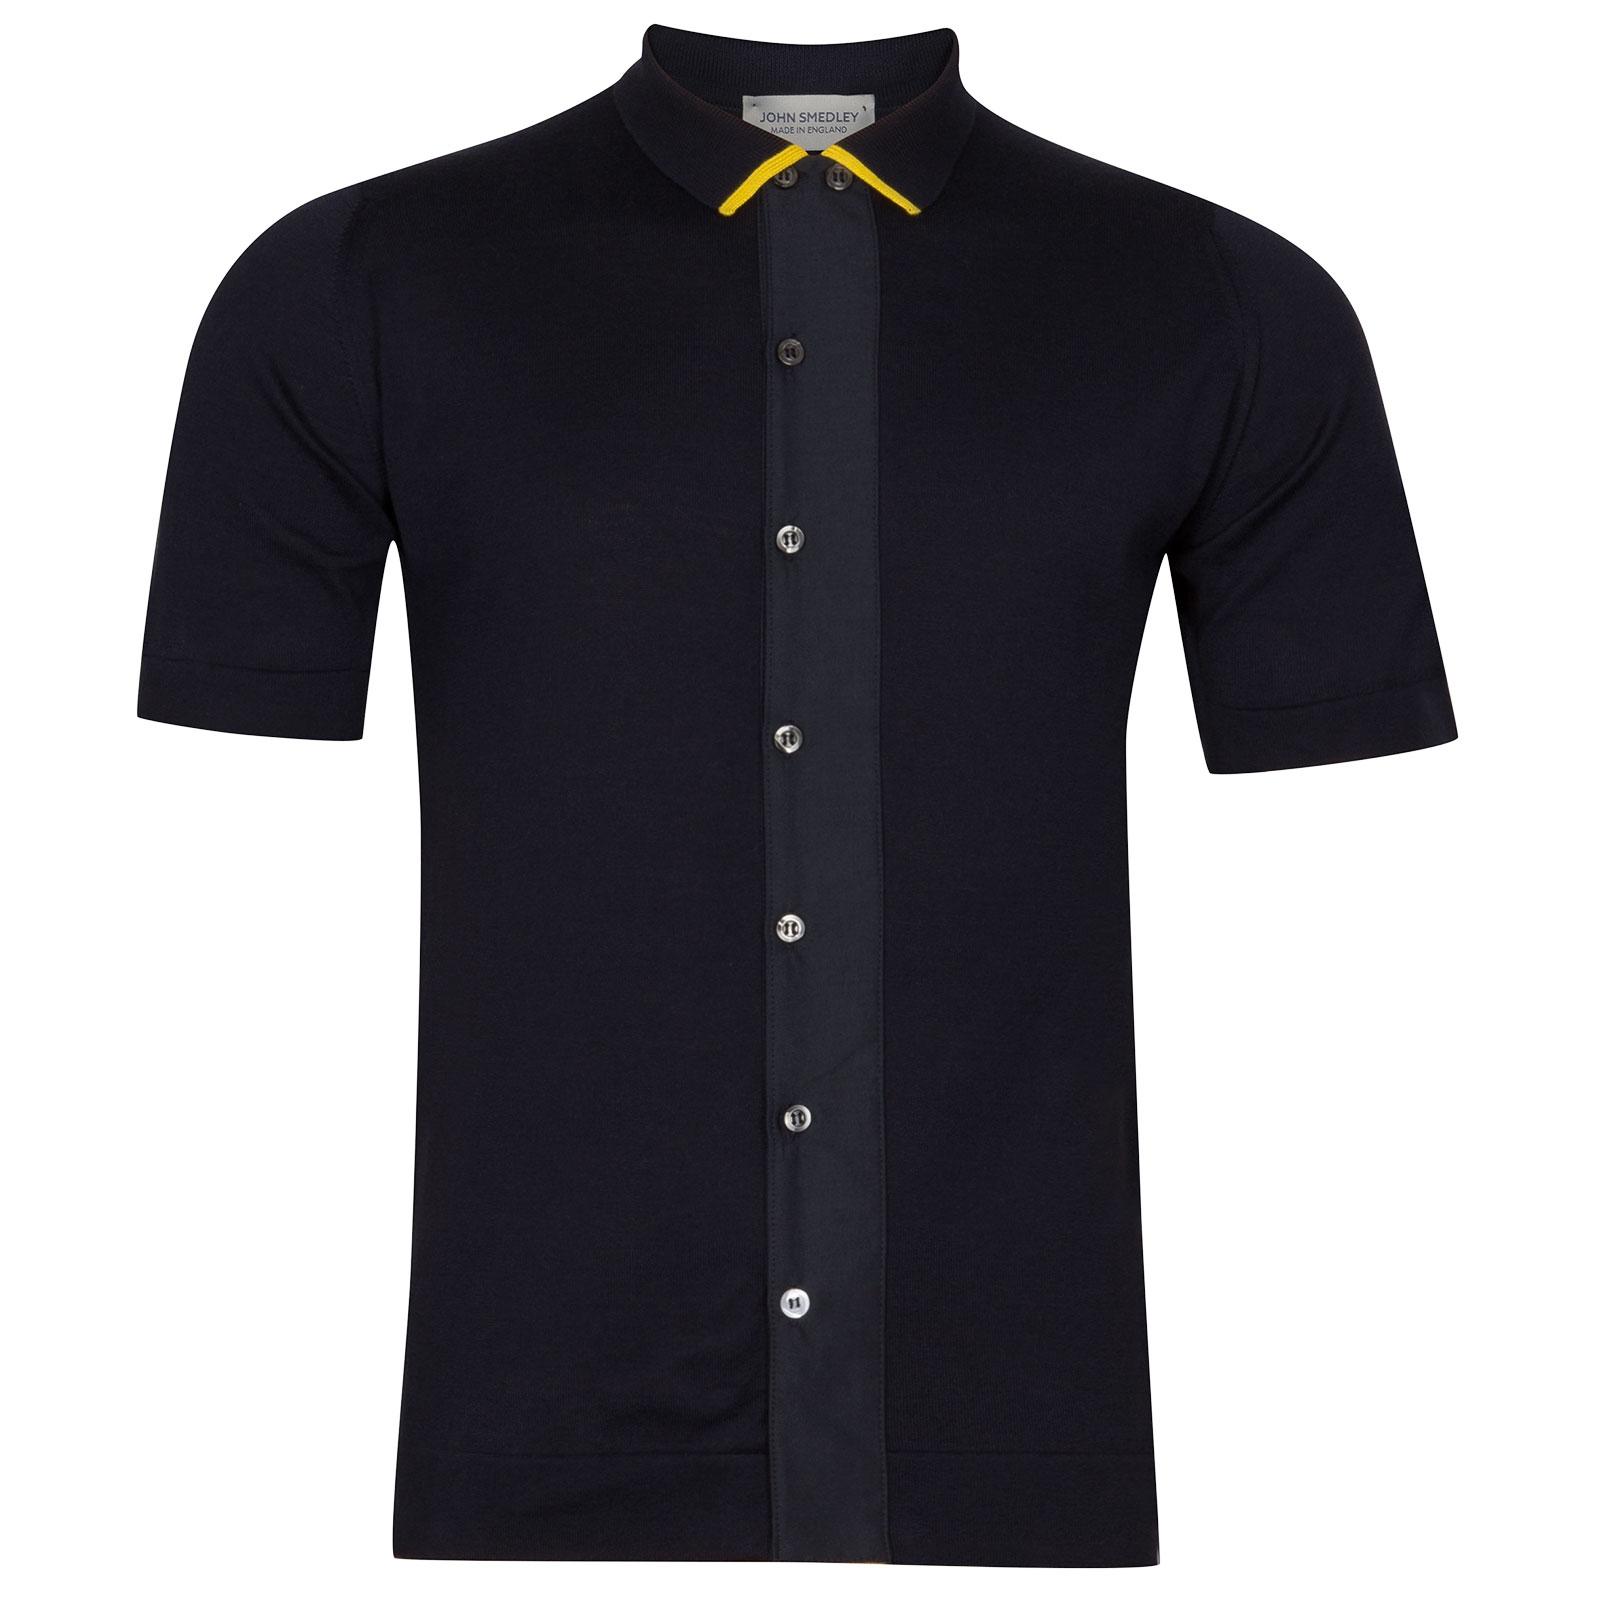 John Smedley molton Sea Island Cotton Polo Shirt in Navy-SML